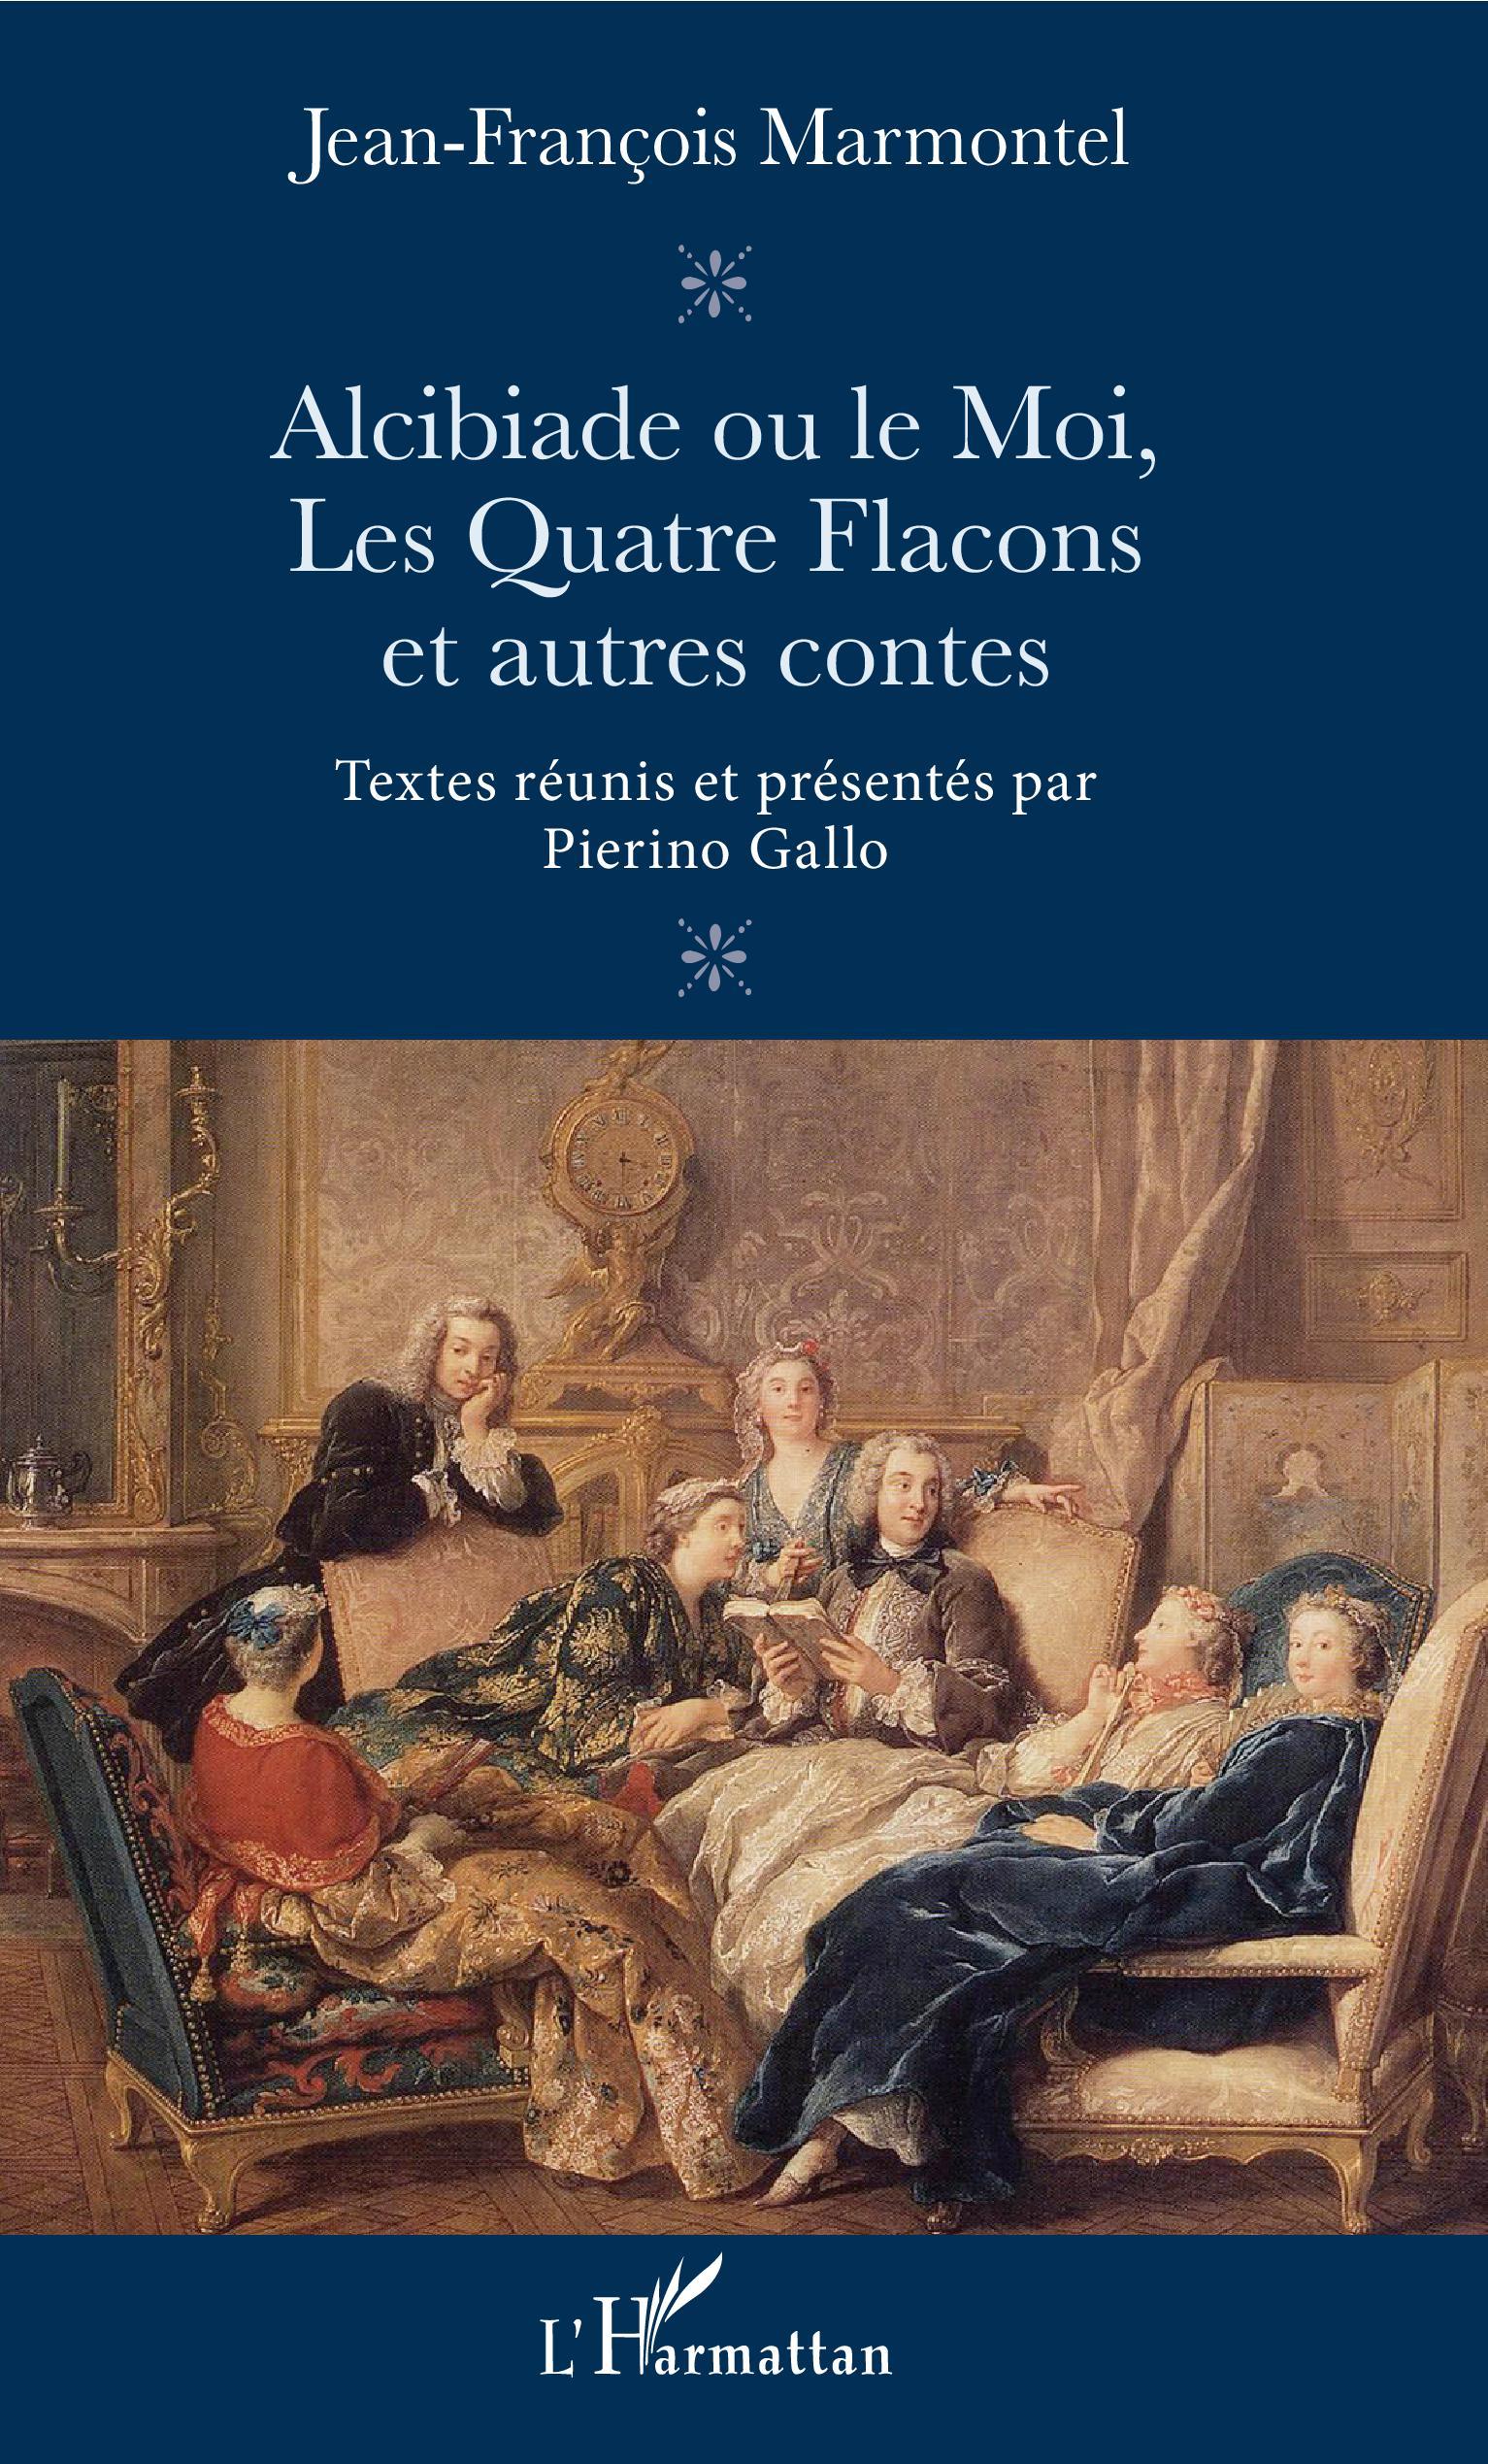 J.-F. Marmontel, Alcibiade ou le Moi, Les Quatre Flacons et autres contes (éd. P. Gallo)